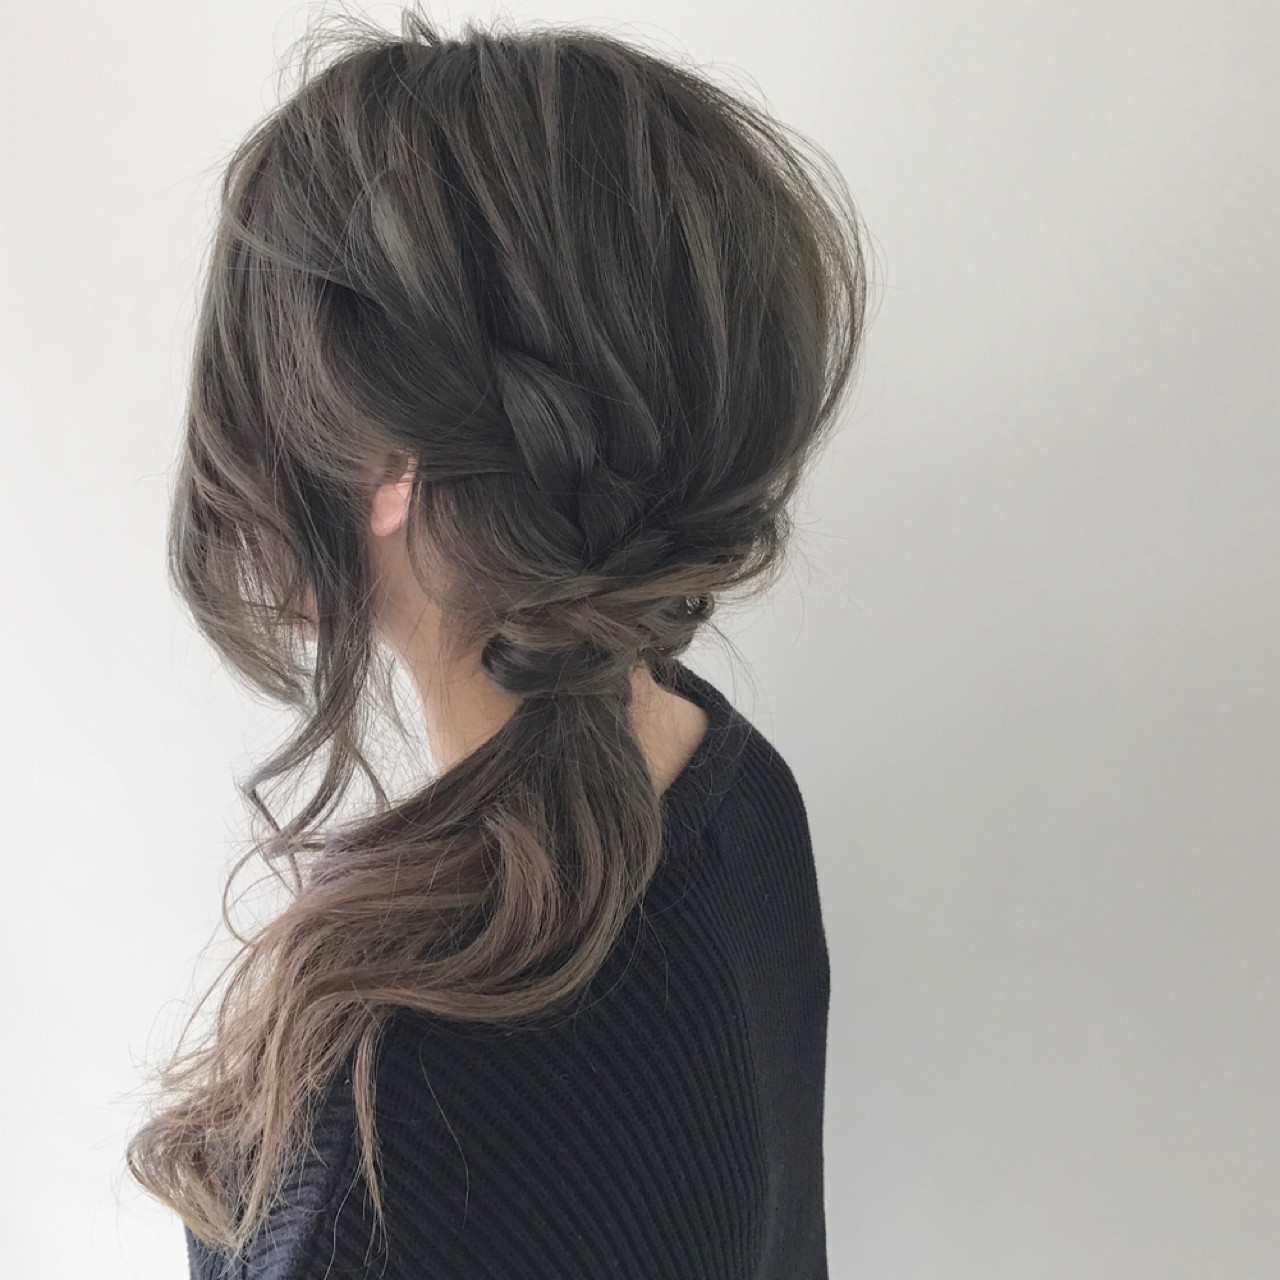 簡単ヘアアレンジ ヘアアレンジ ポニーテール ロング ヘアスタイルや髪型の写真・画像